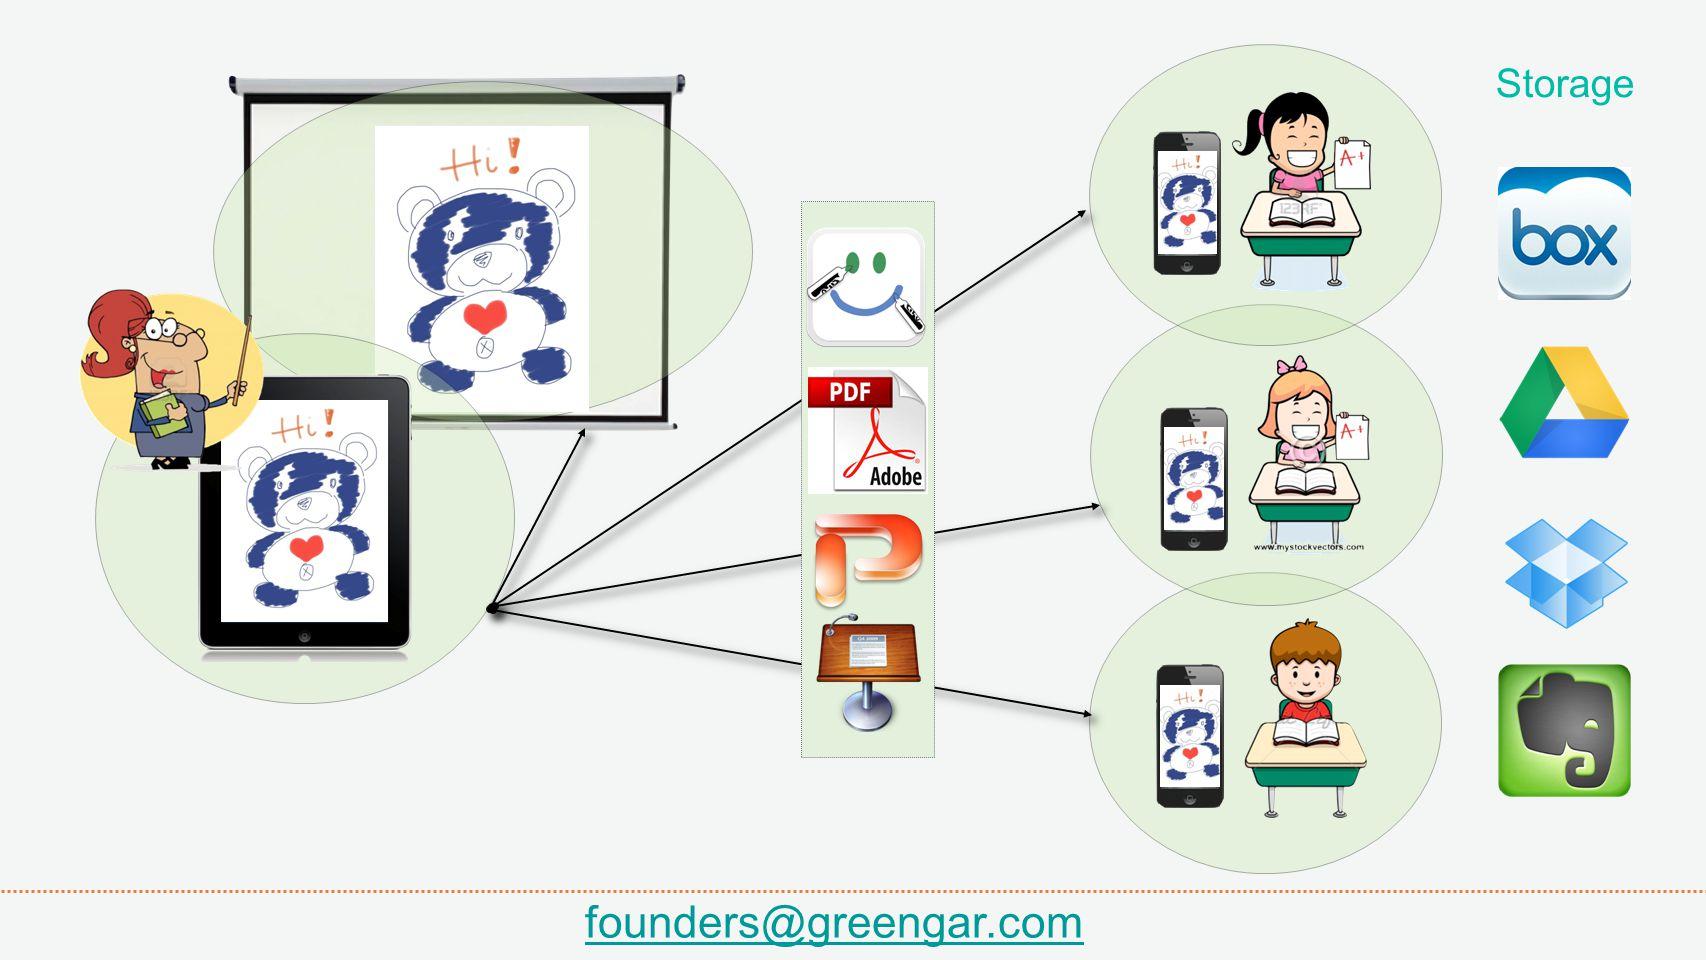 founders@greengar.com Storage